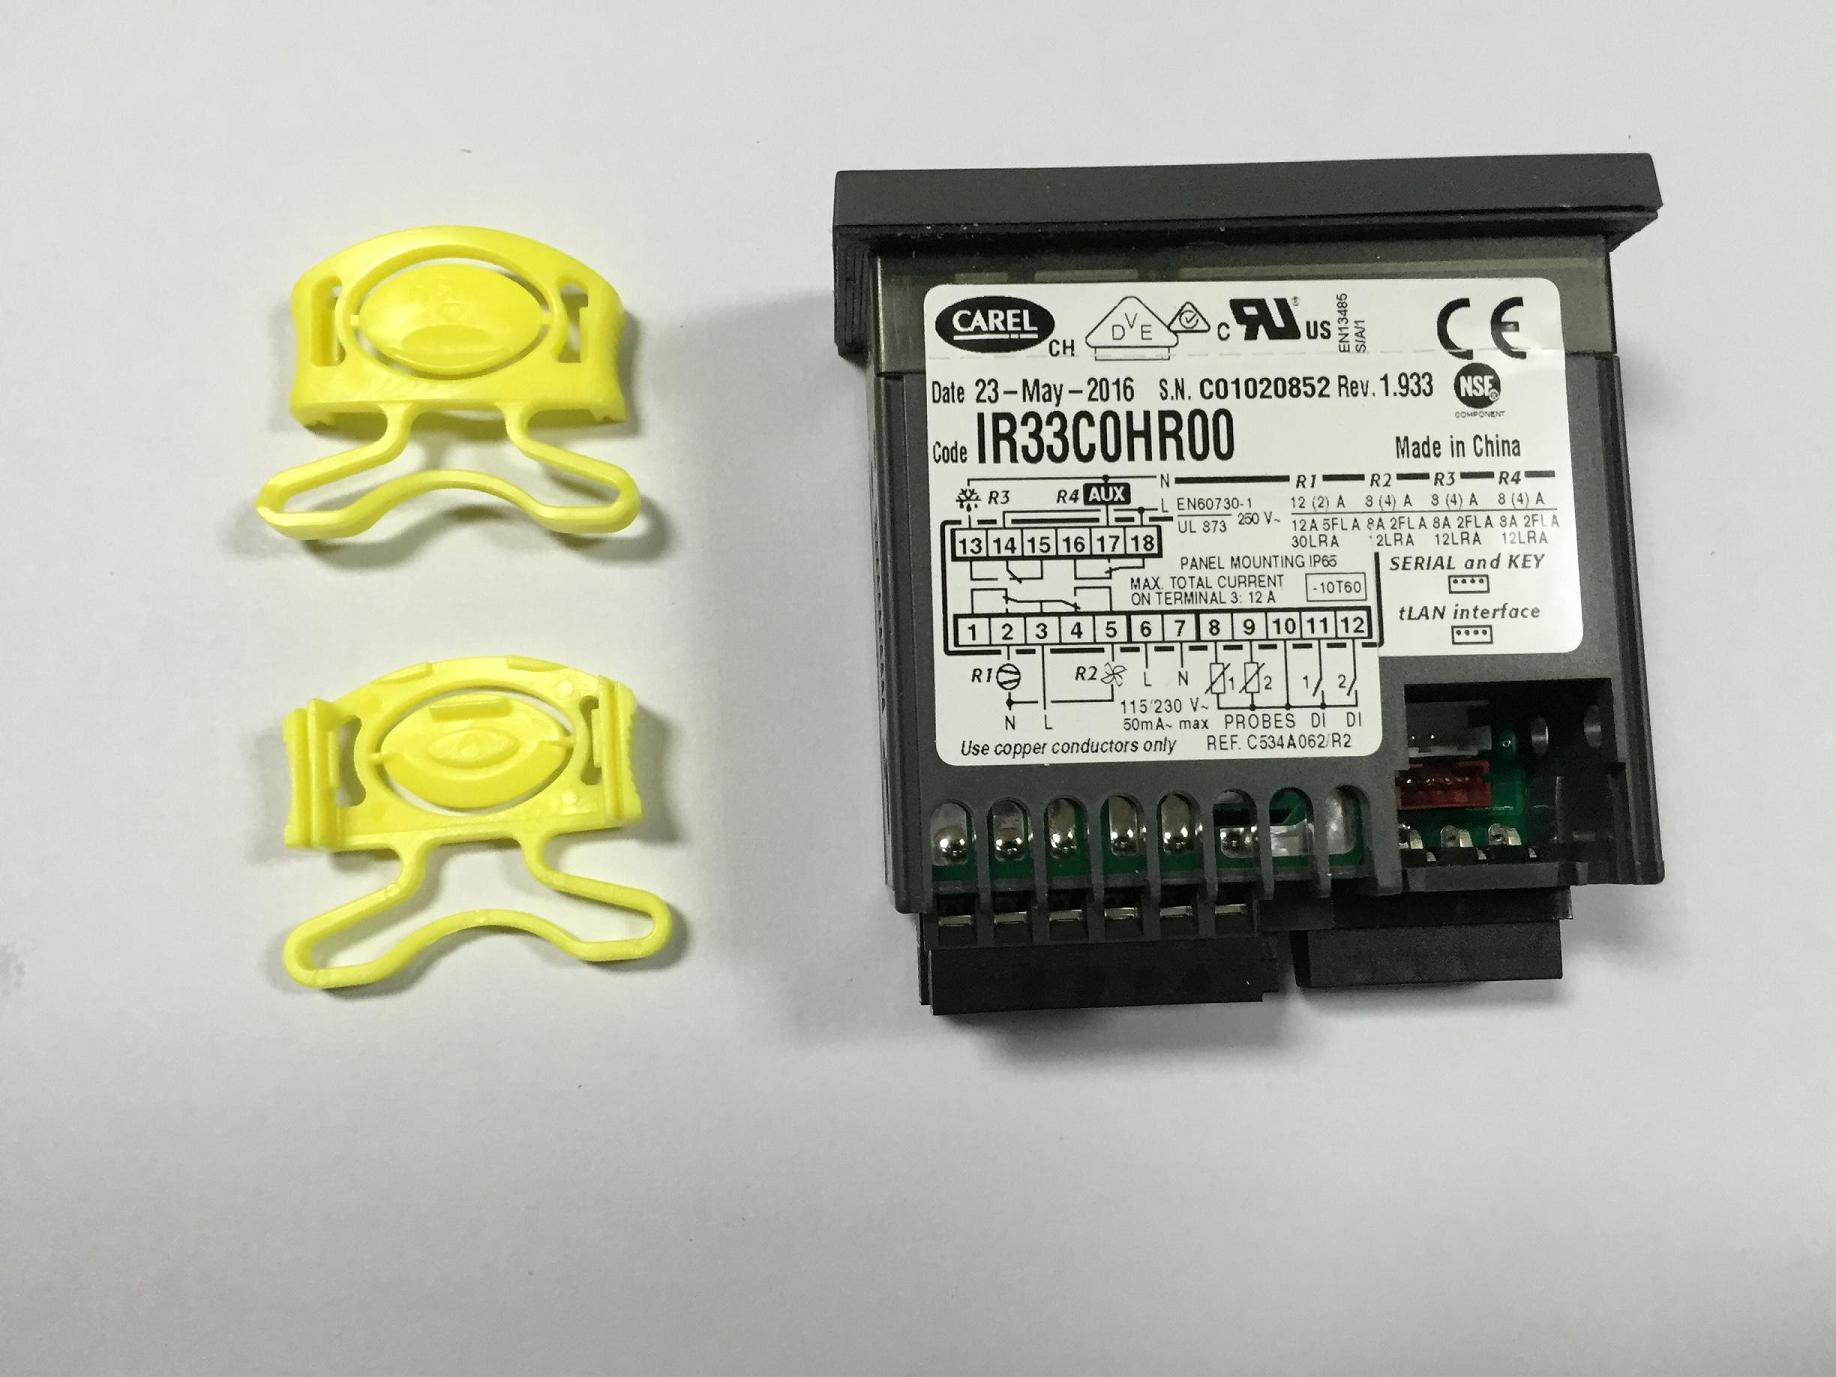 IR33cohr00 Carel Temperature Controller